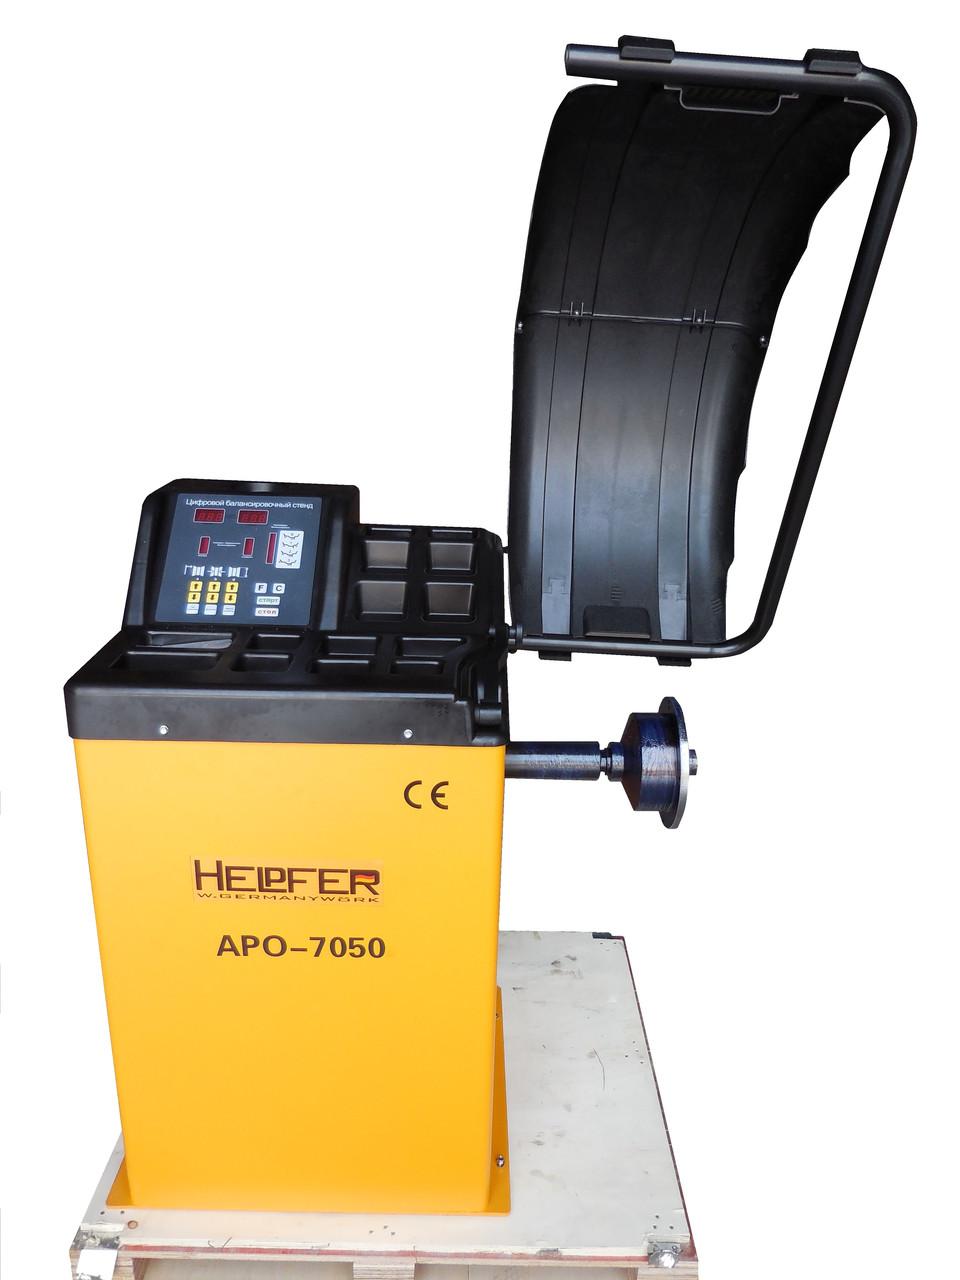 Балансировочный станок Helpfer APO 7050 для легковых автомобилей